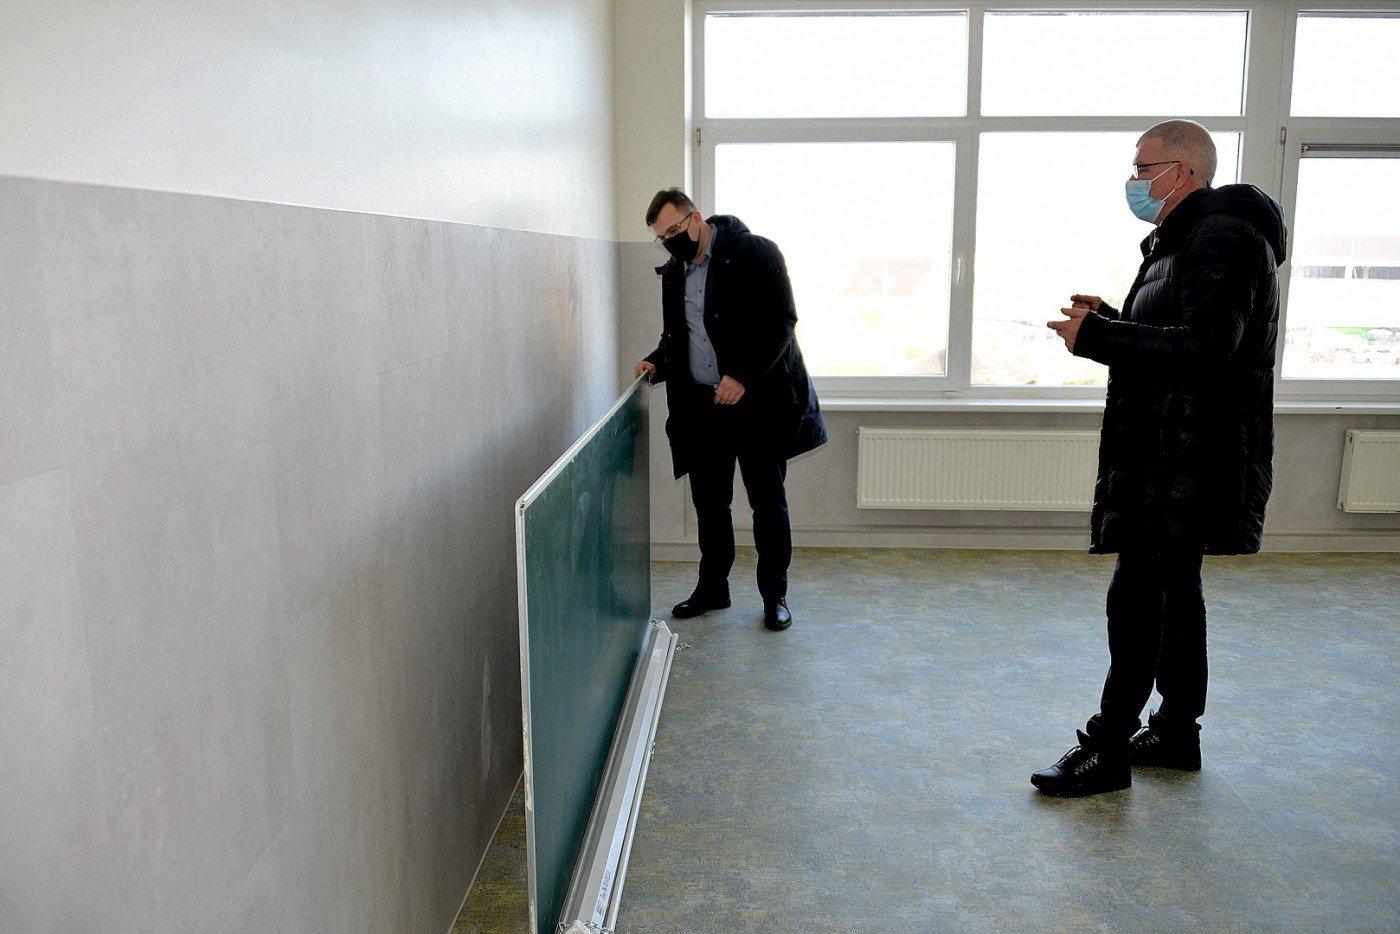 Šilalės Dariaus ir Girėno progimnazijoje užbaigti modernizavimo darbai